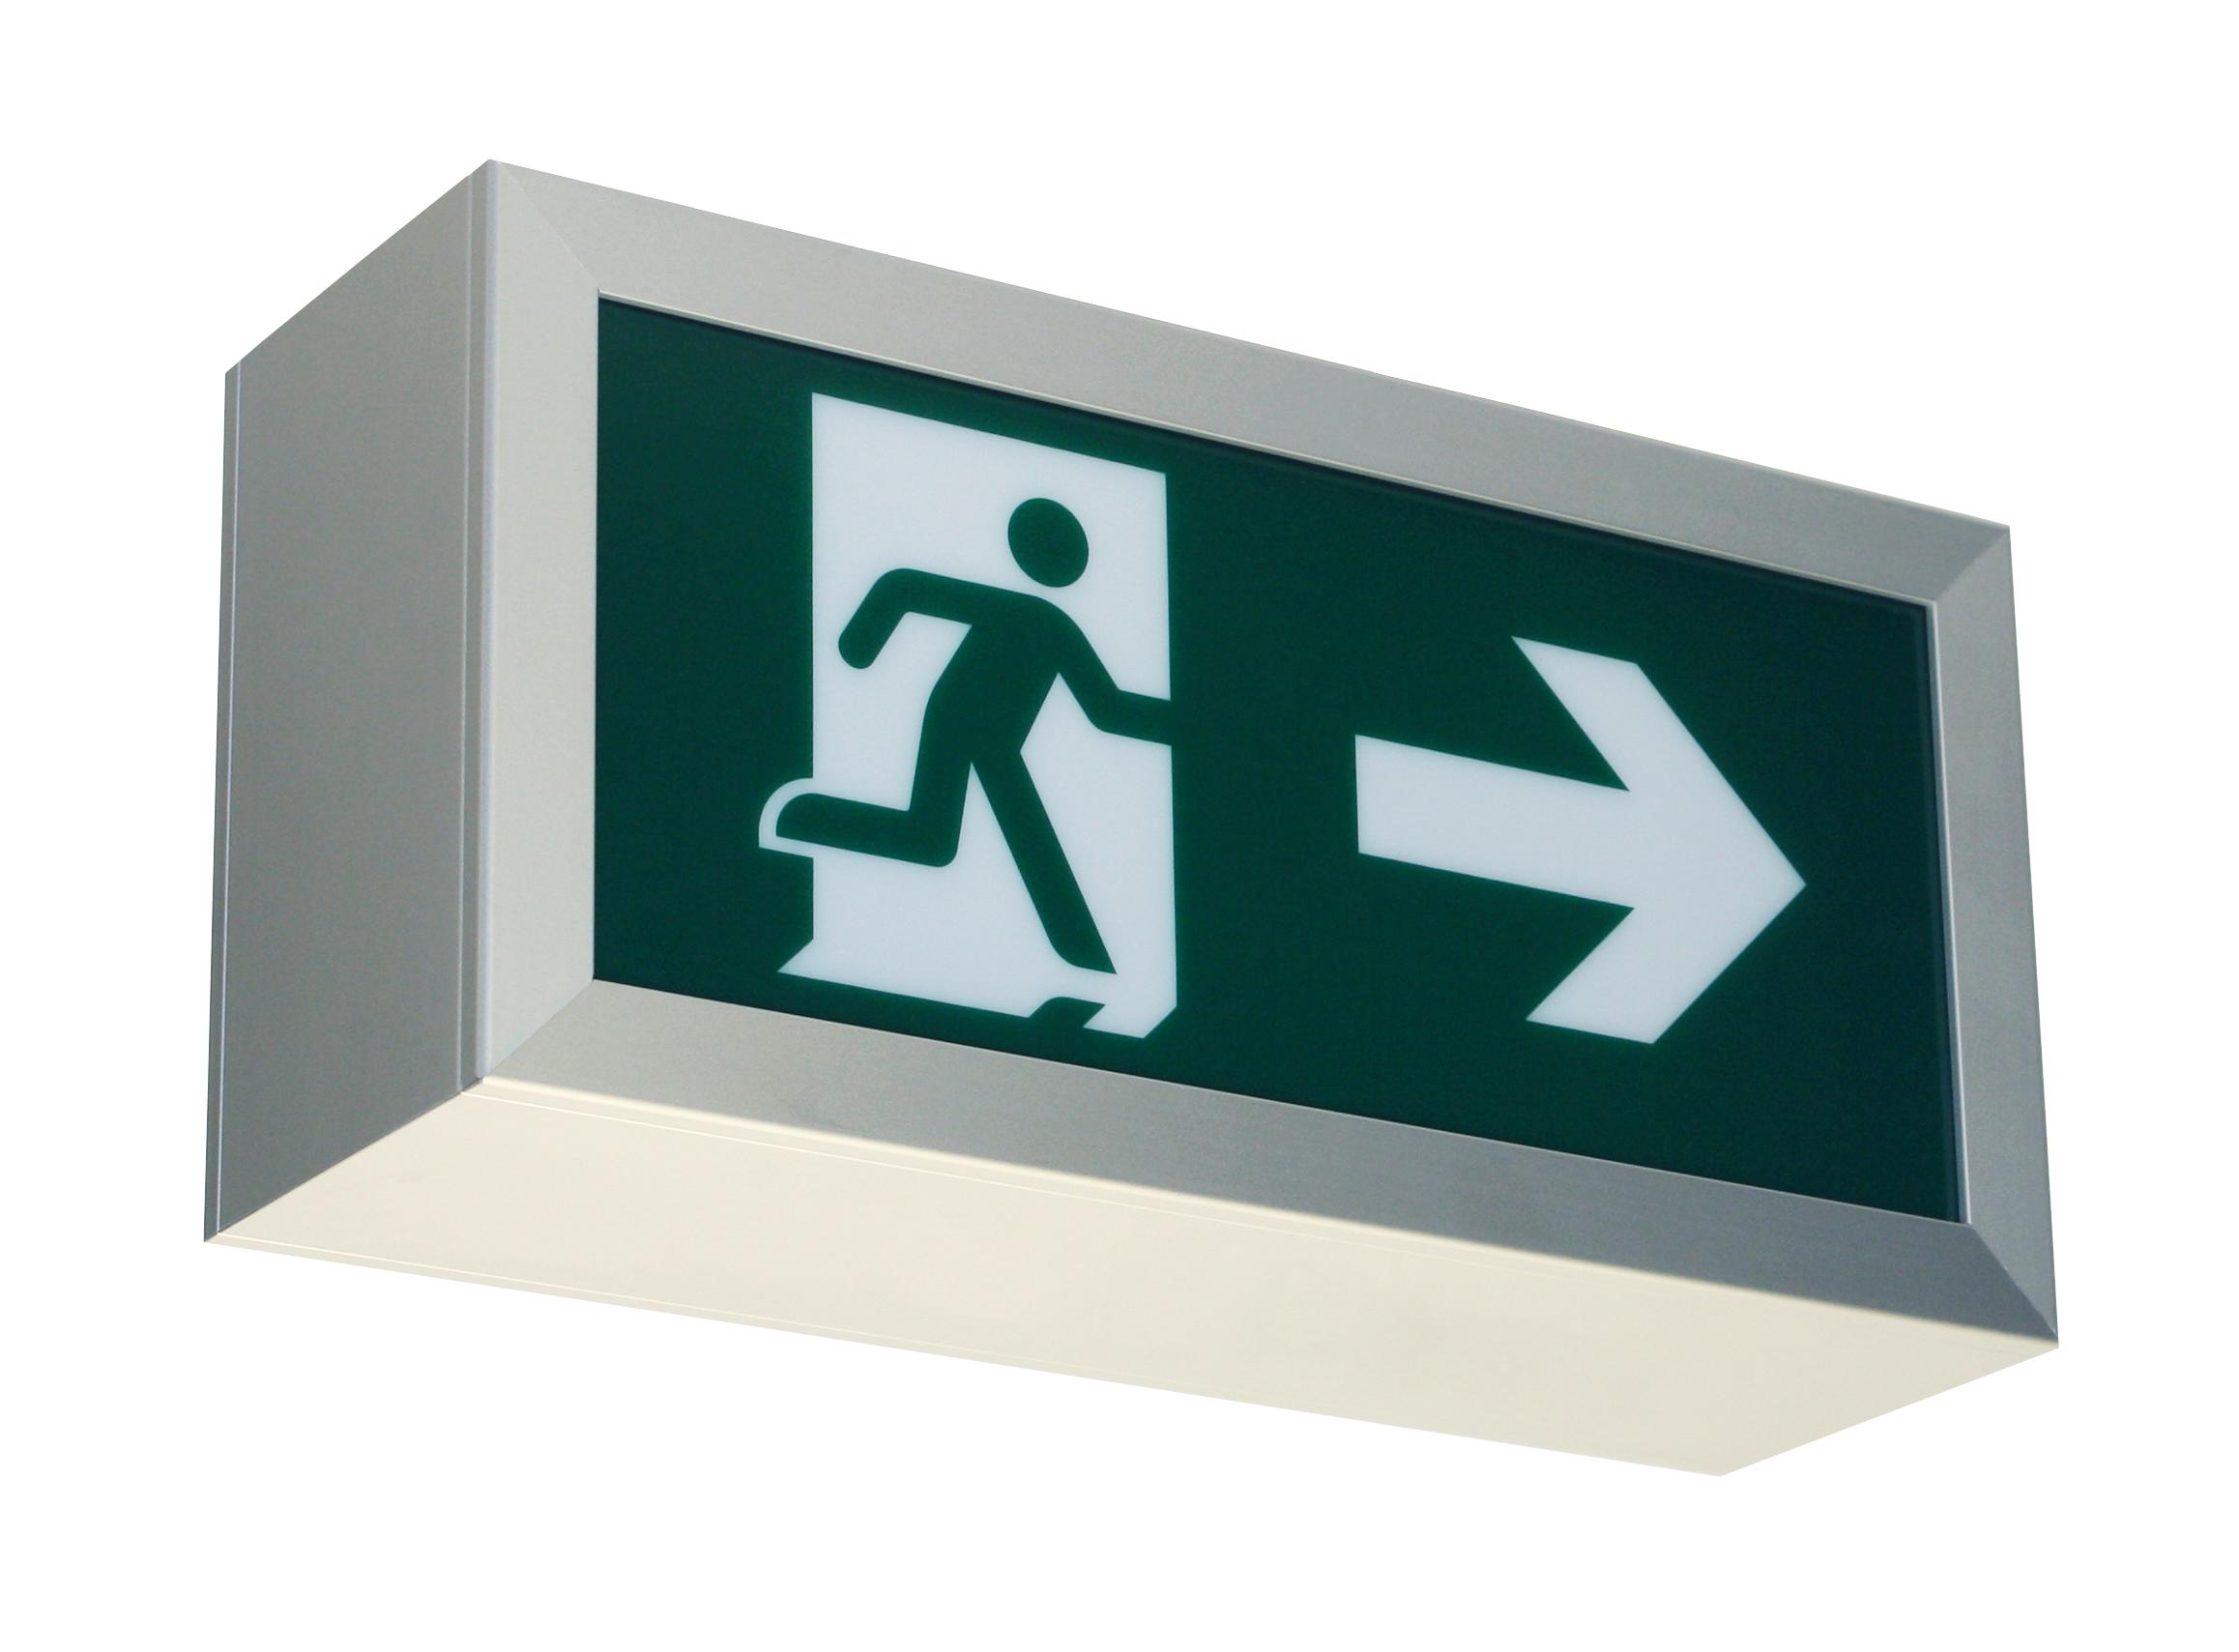 ER Elektronik DISPLAY D150 Escape sign luminaire AUTOTEST 3h EKW 21 m 4000 K